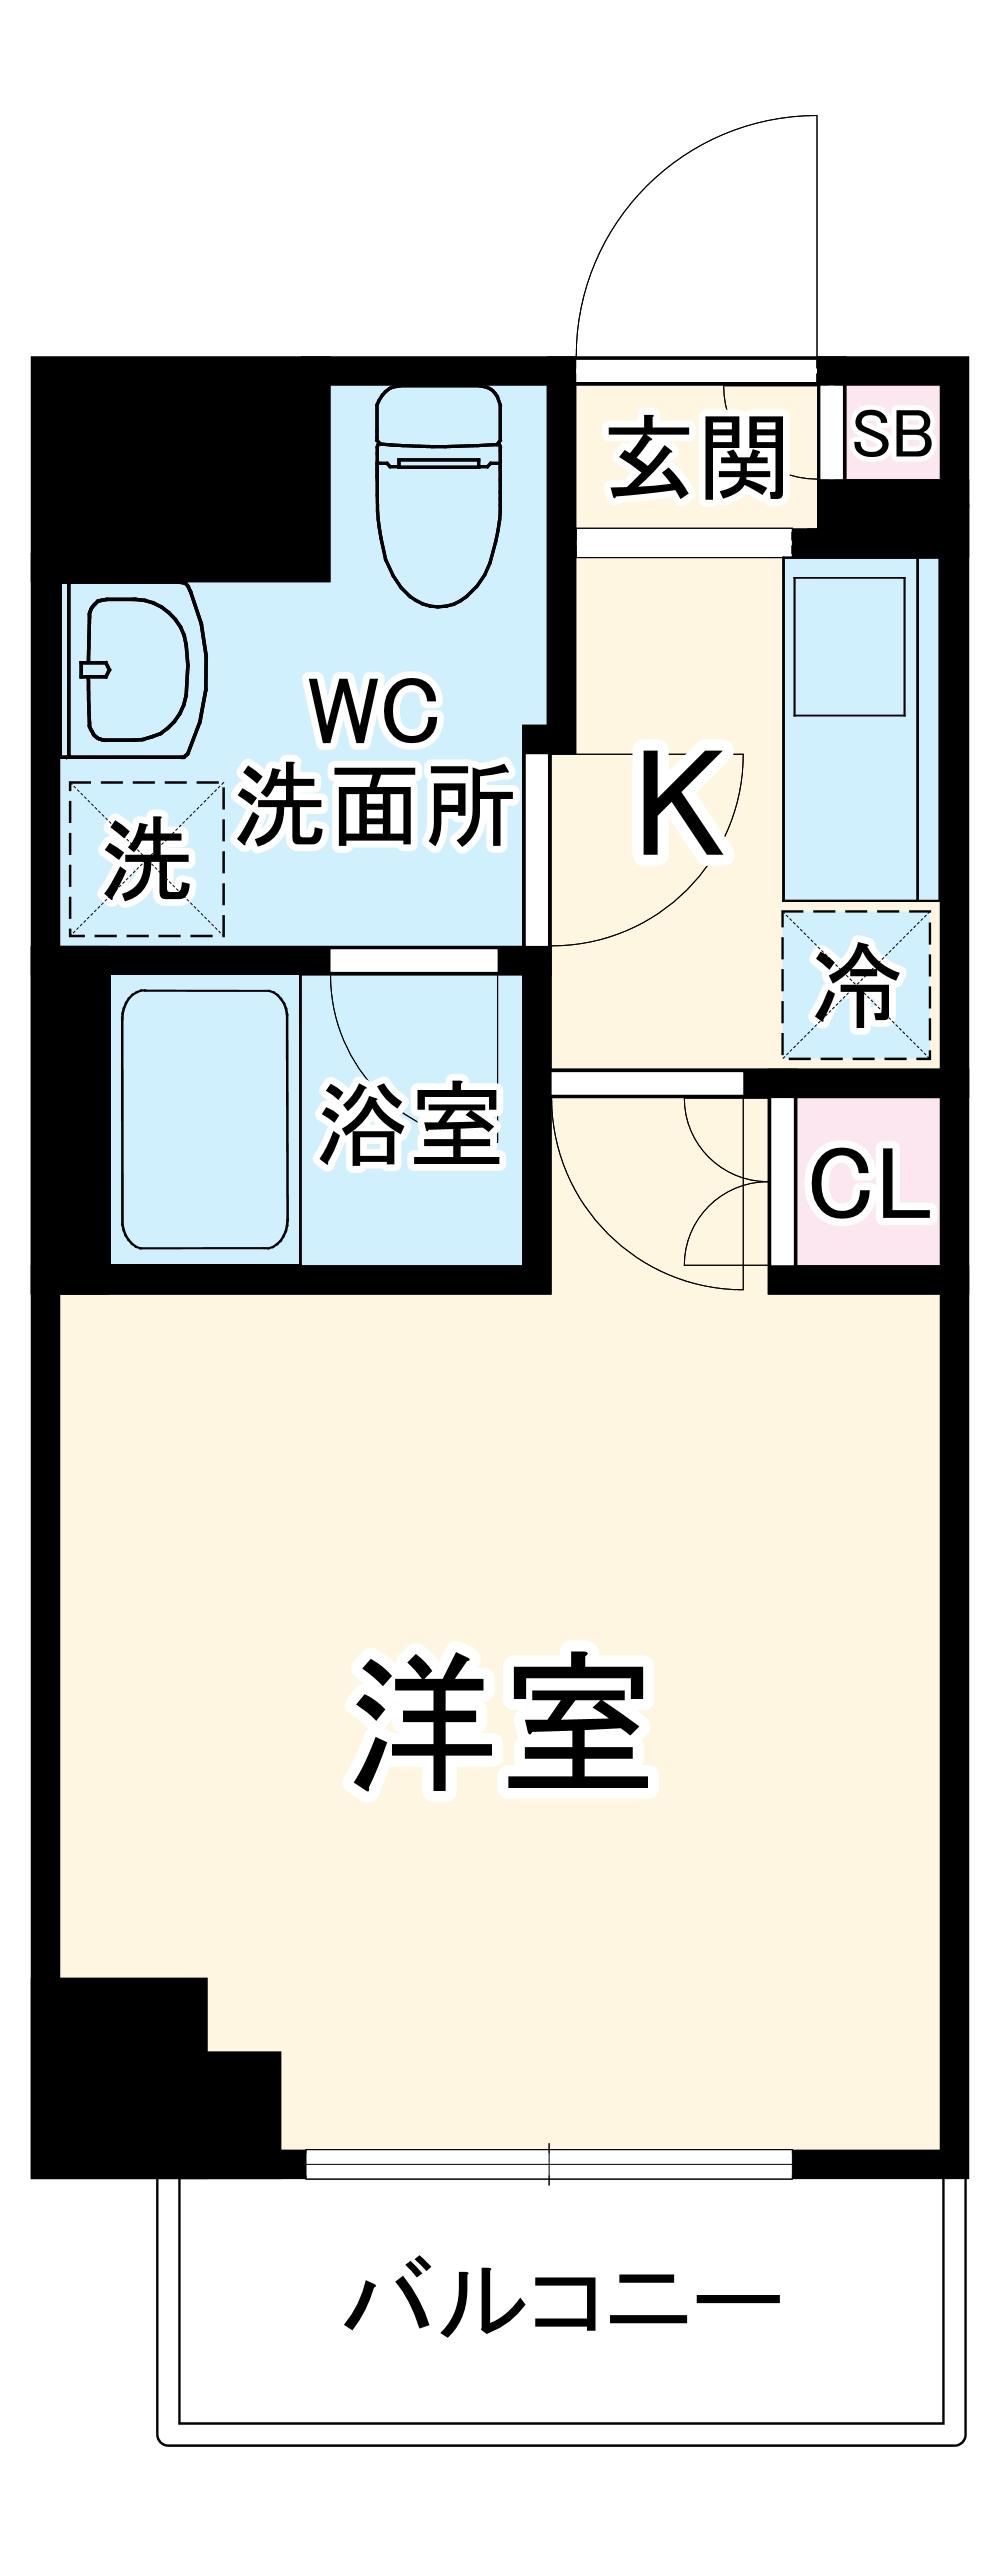 ルーブル横濱南太田 407号室の間取り